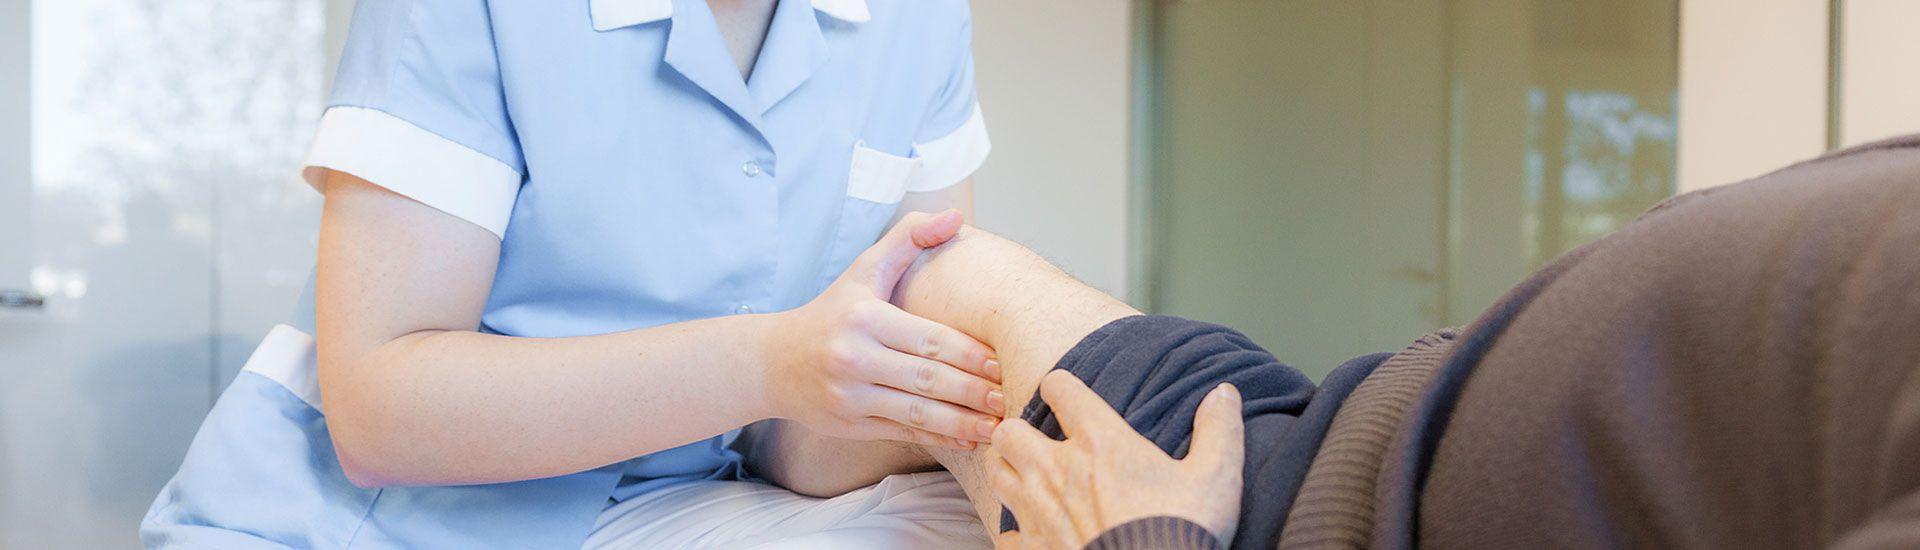 Unidad de Fisioterapia